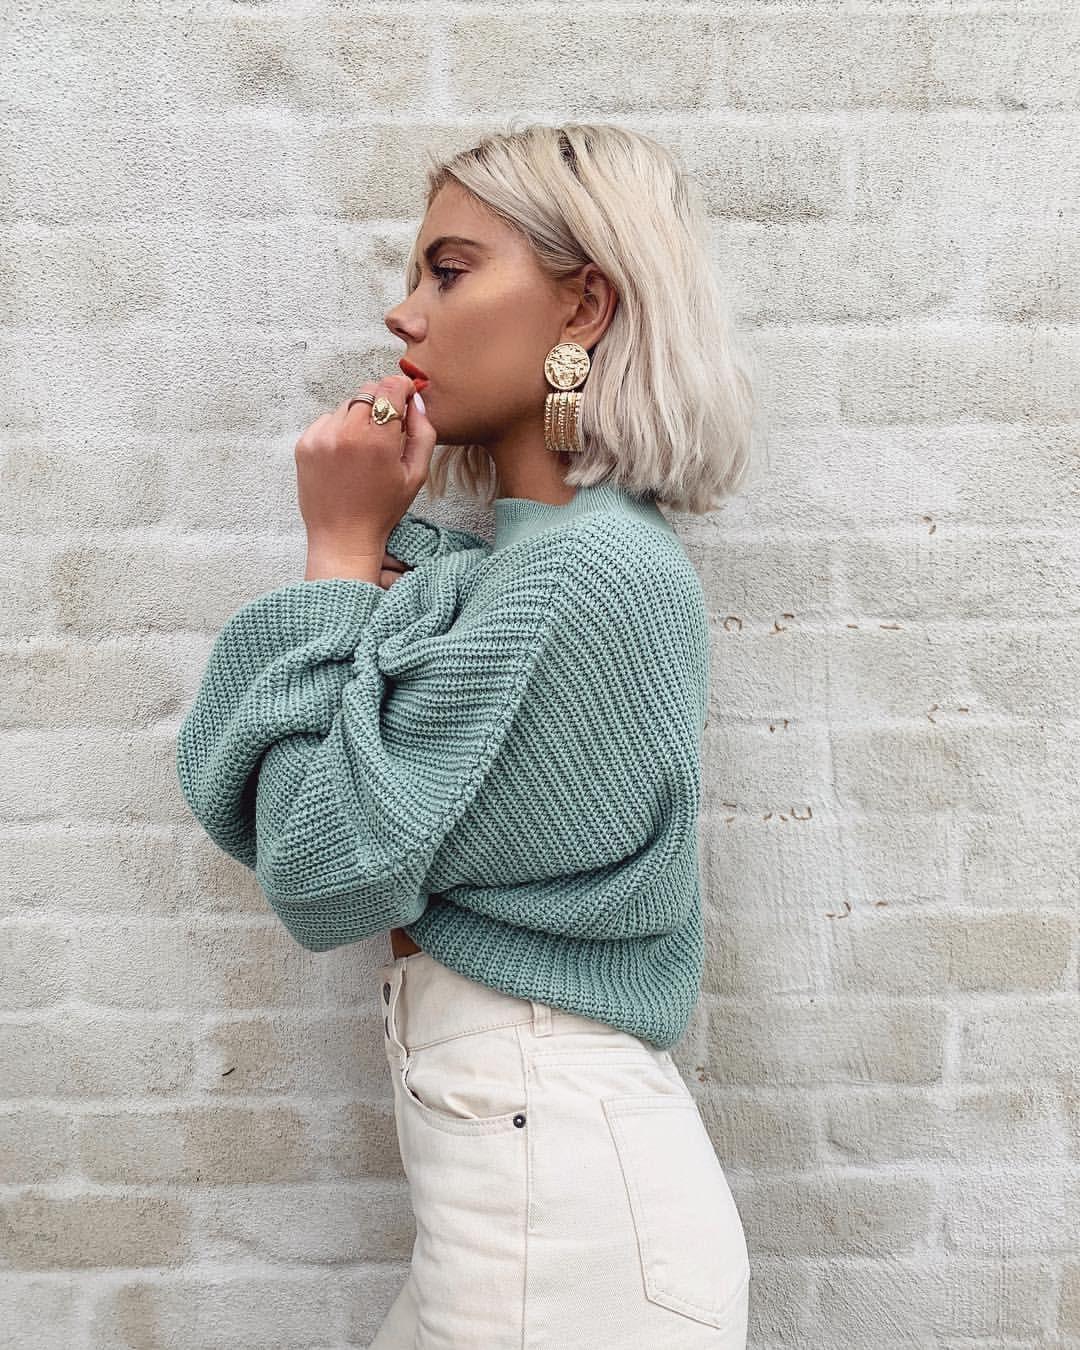 """Laura Jade Stone su Instagram: """"Così ossessionato da questa maglia verde 🙌🏼 proviene dalla mia nuova collezione @inthestyle – Disponibile martedì 💚"""""""